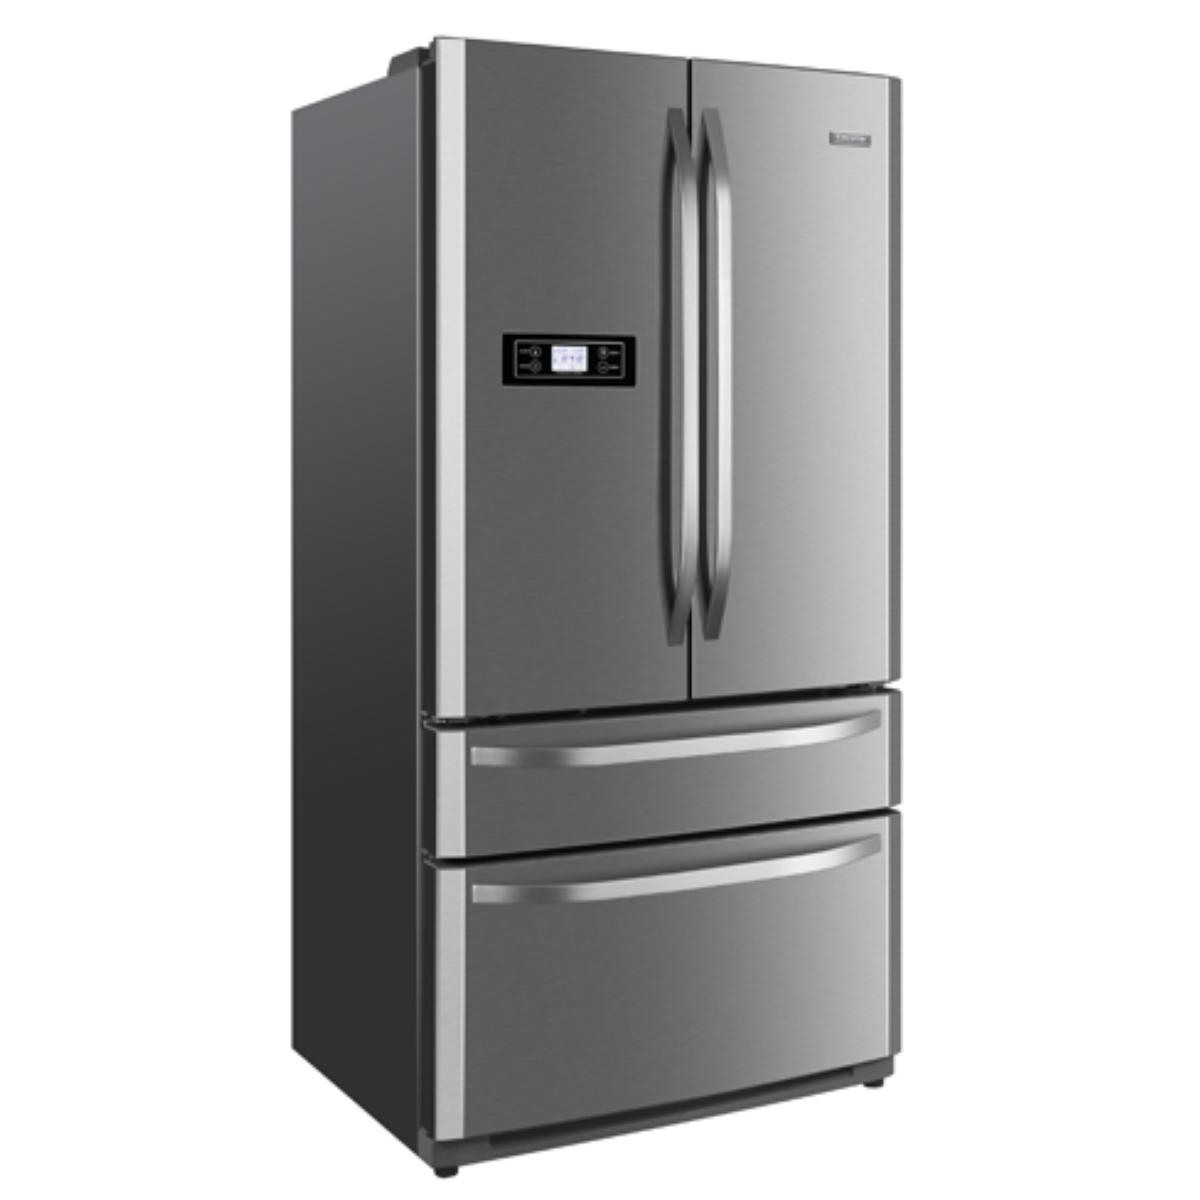 冰箱那些牌子省电 冰箱省电品牌